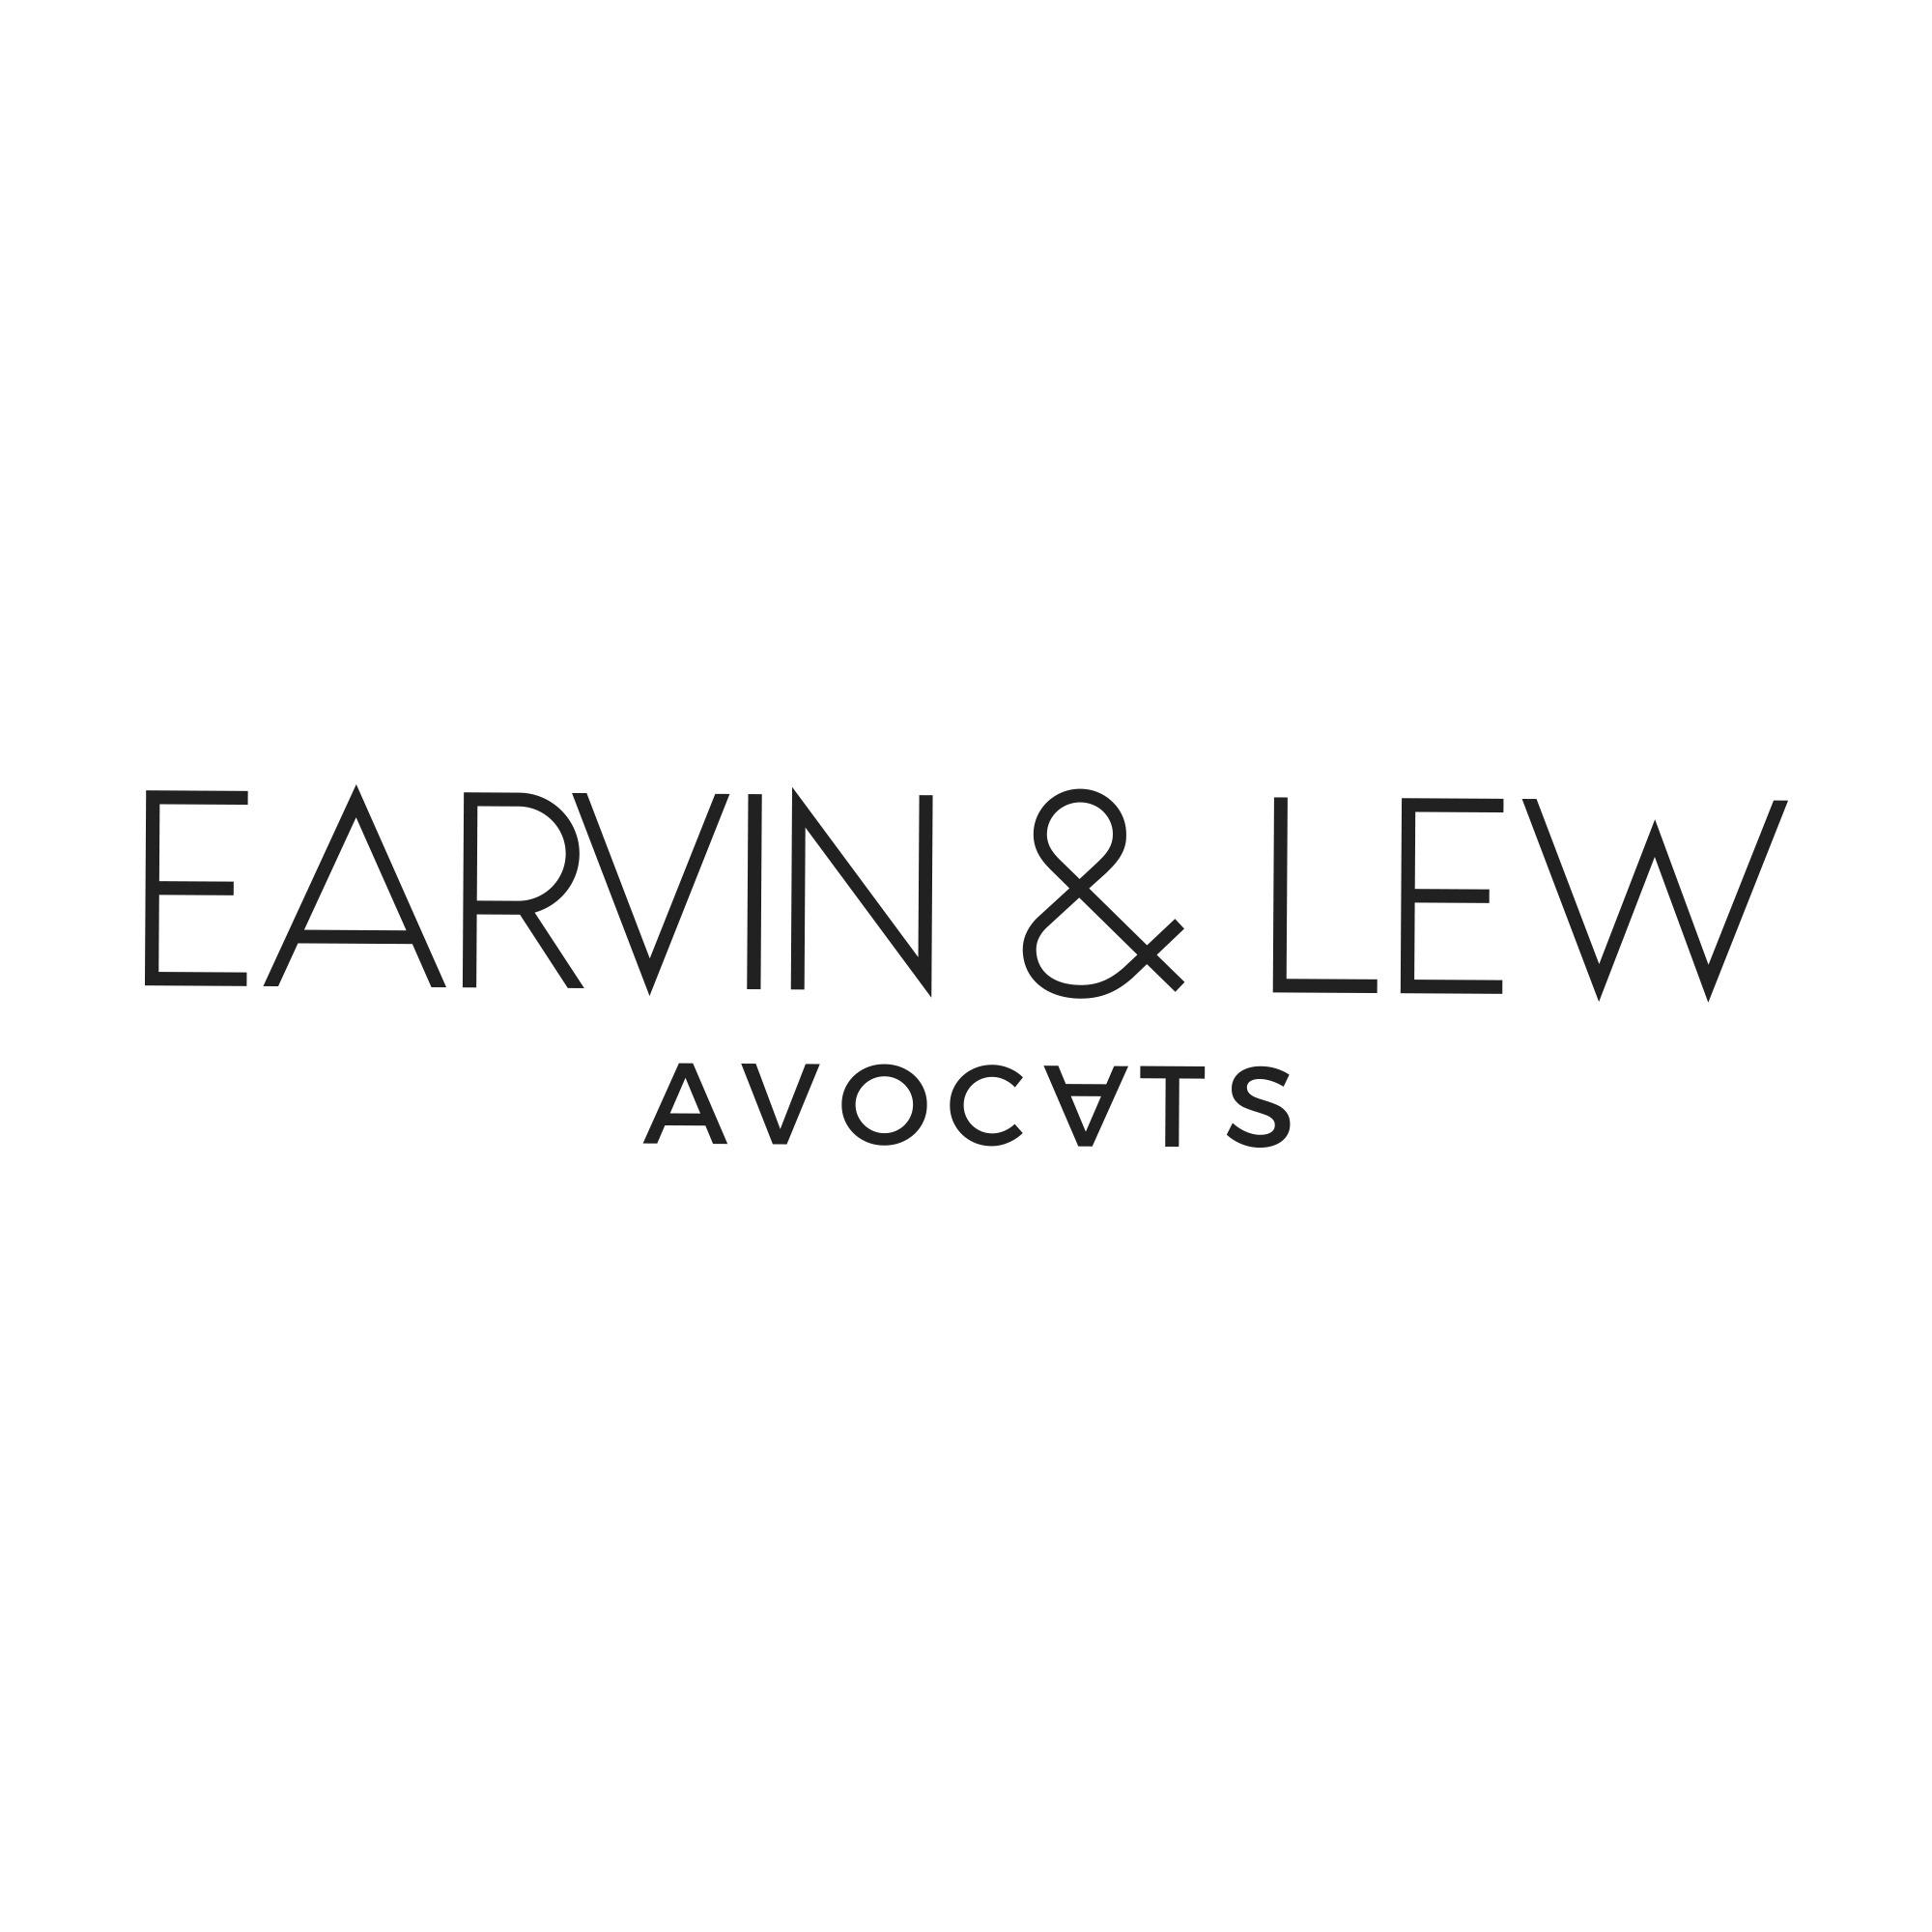 the Earvin & Lew logo.